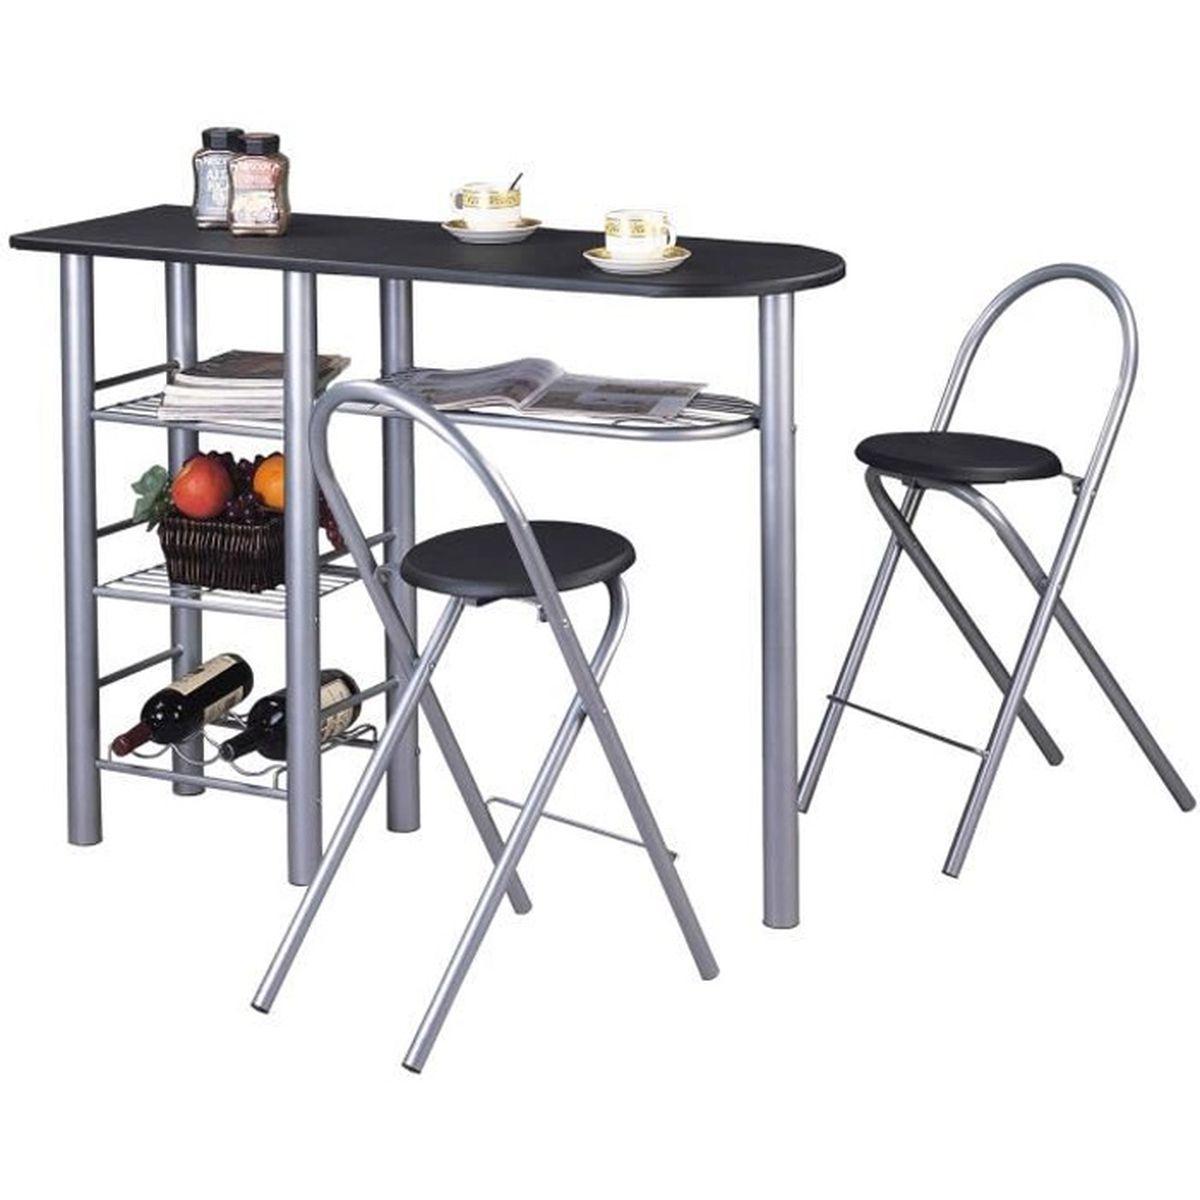 Ensemble STYLE Avec Table Haute De Bar Mange Debout Comptoir Et 2 Chaises Tabourets En MDF Noir Mat Structure Metal